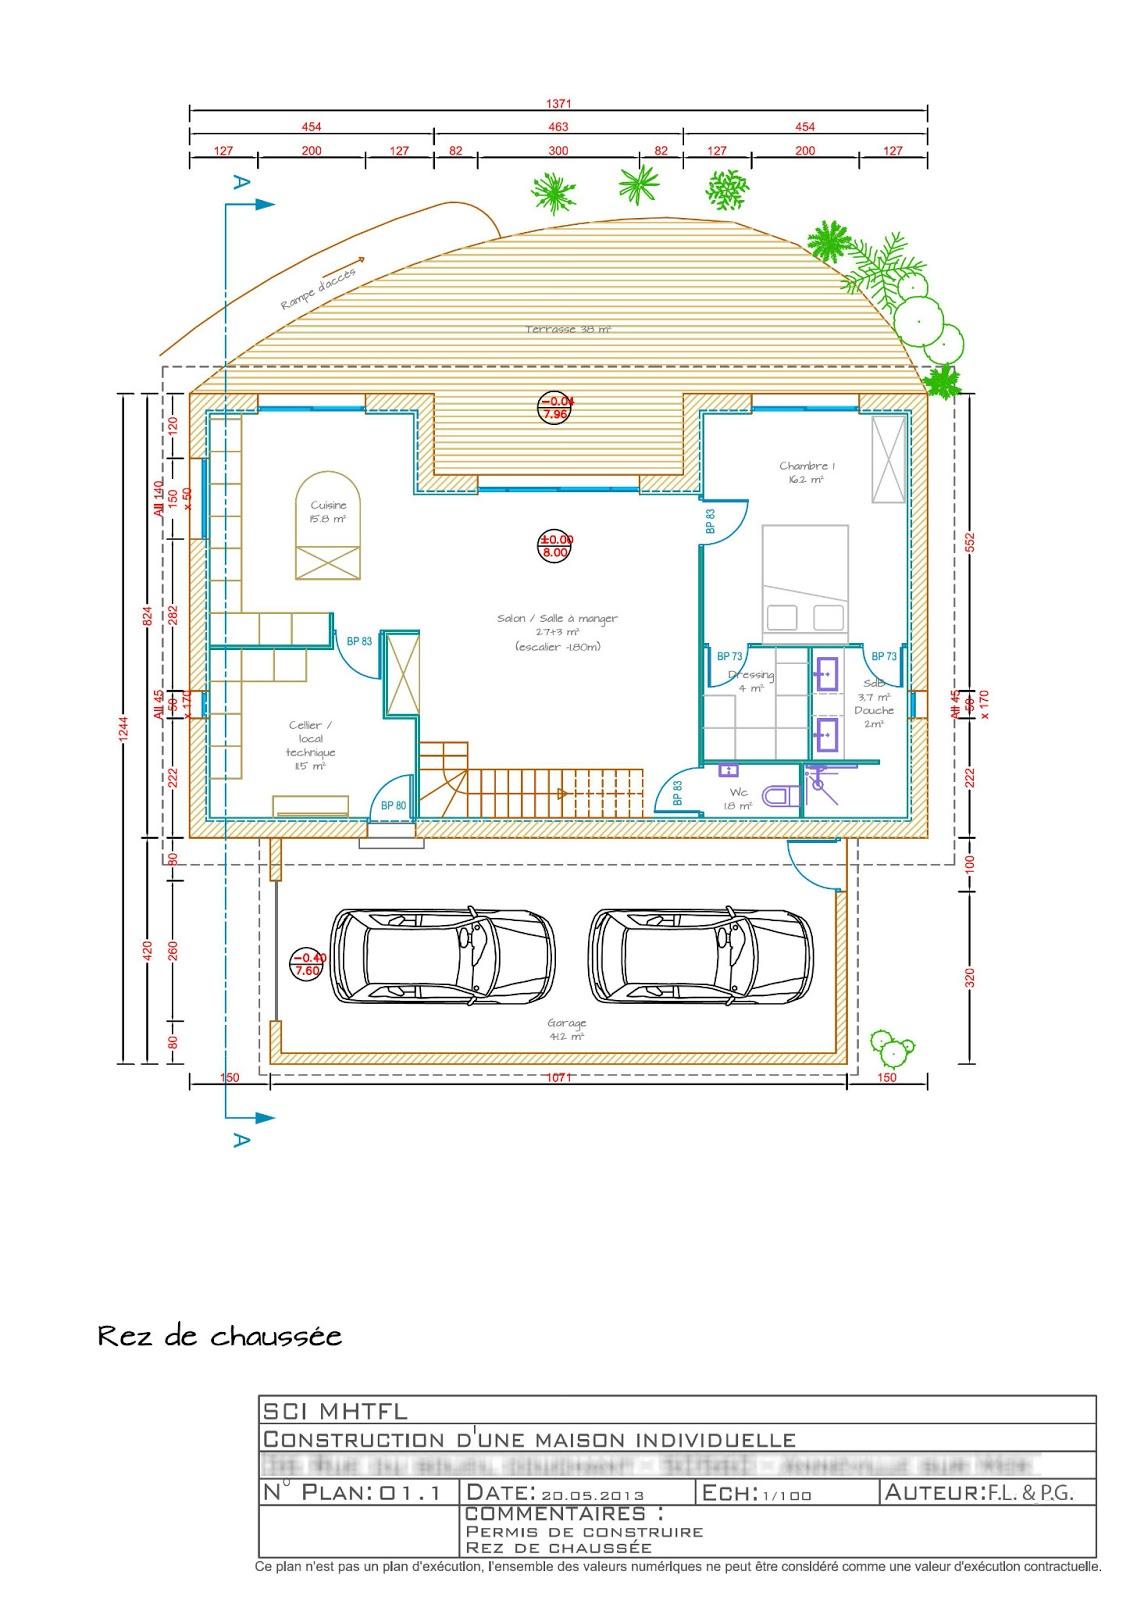 Le choix du client conscient de limplantation du projet dans son environnement a souhaité une maison ossature bois dans la continuité de cette démarche